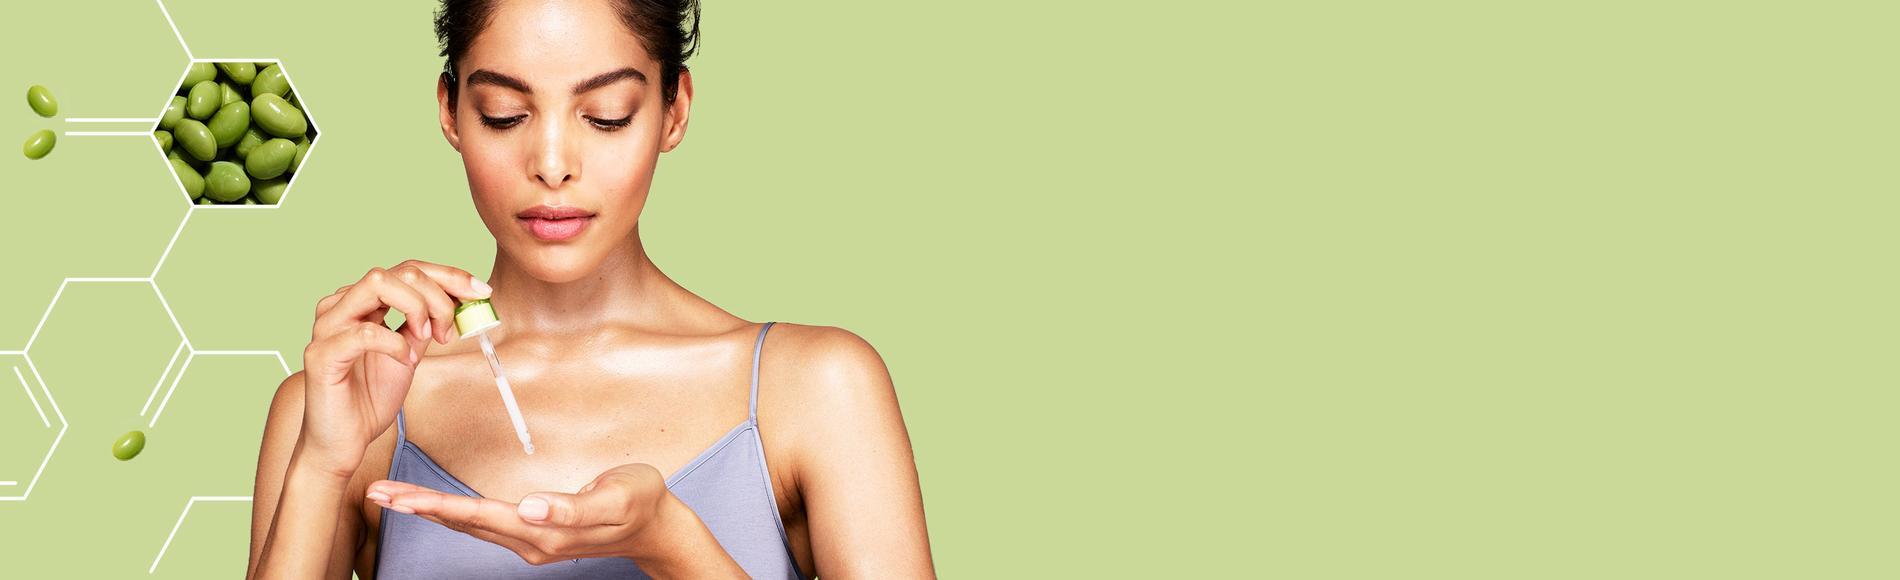 mujer con tratamiento para manchas oscuras y piel radiante